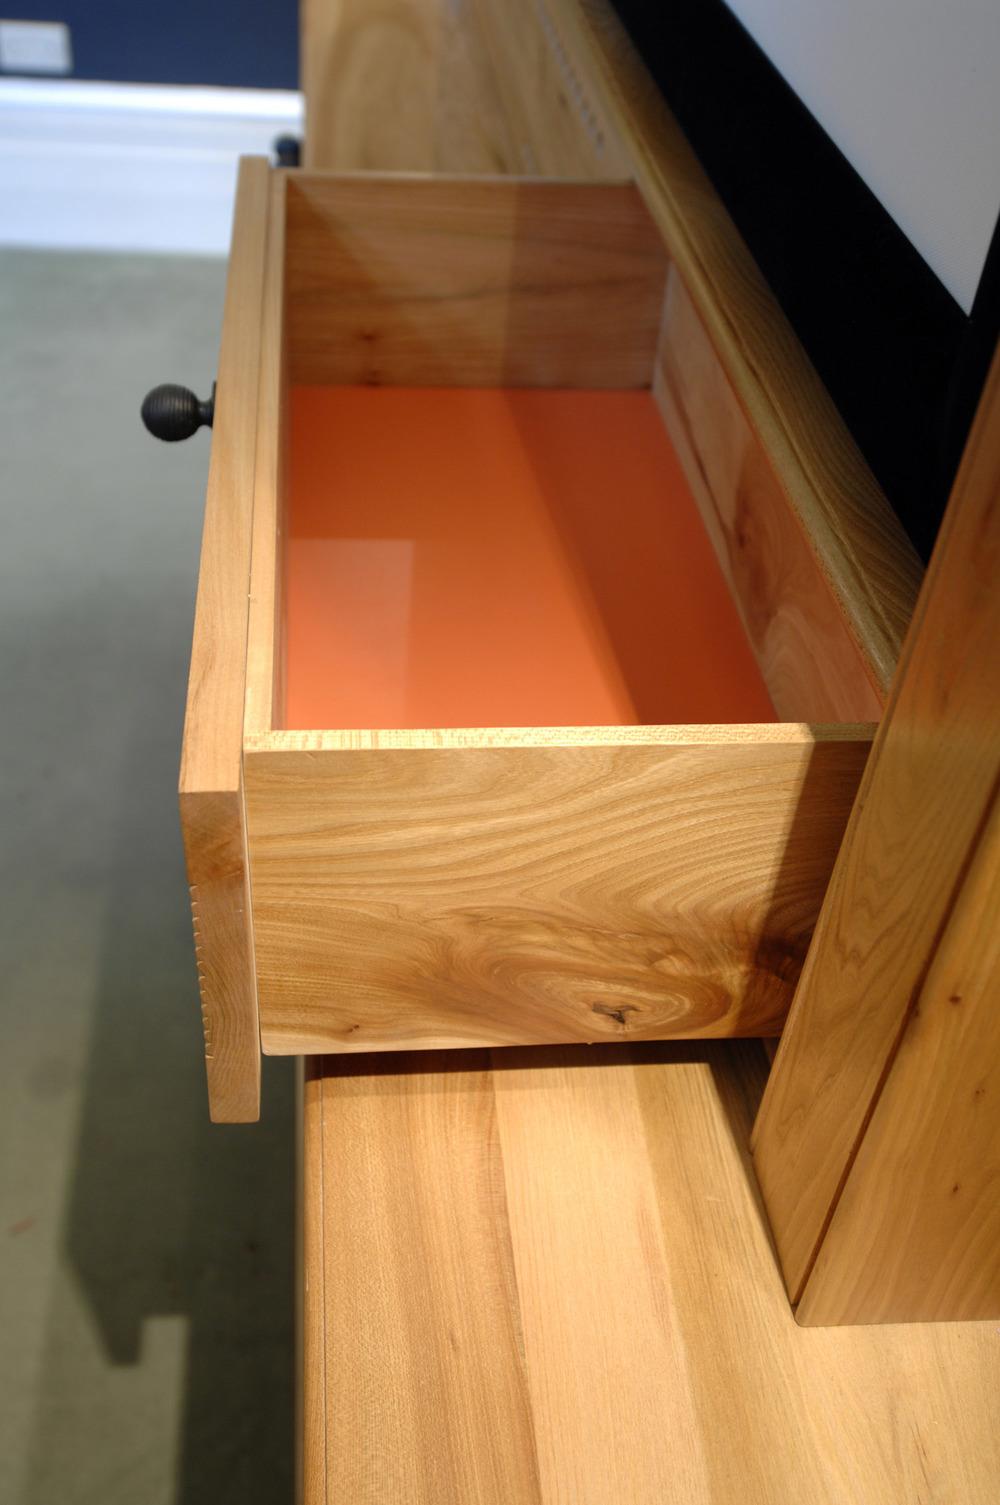 detil.orangedrawer.jpg